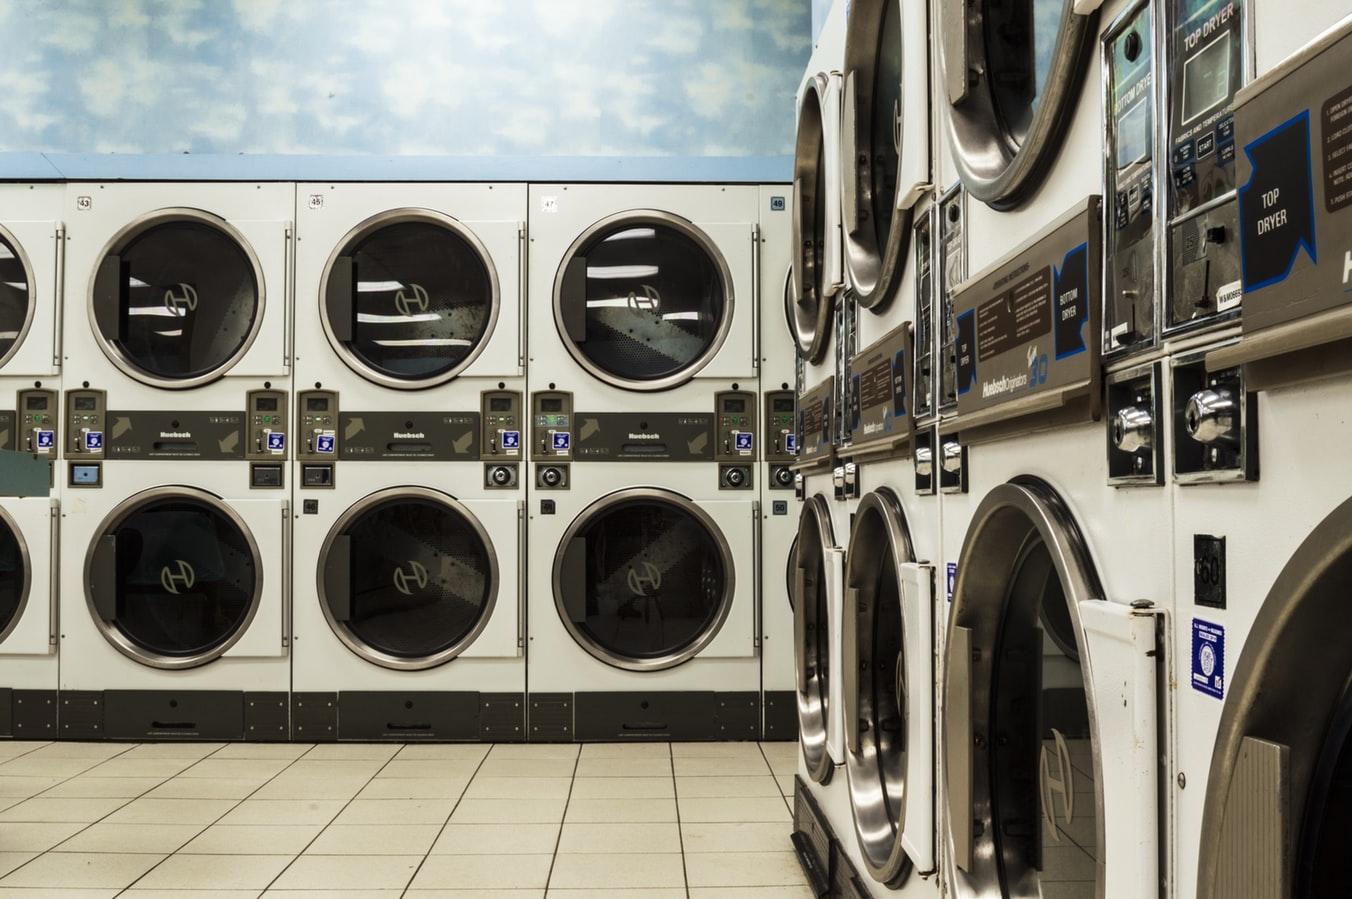 Wählen Sie mit dieser Anleitung die beste Waschmaschine